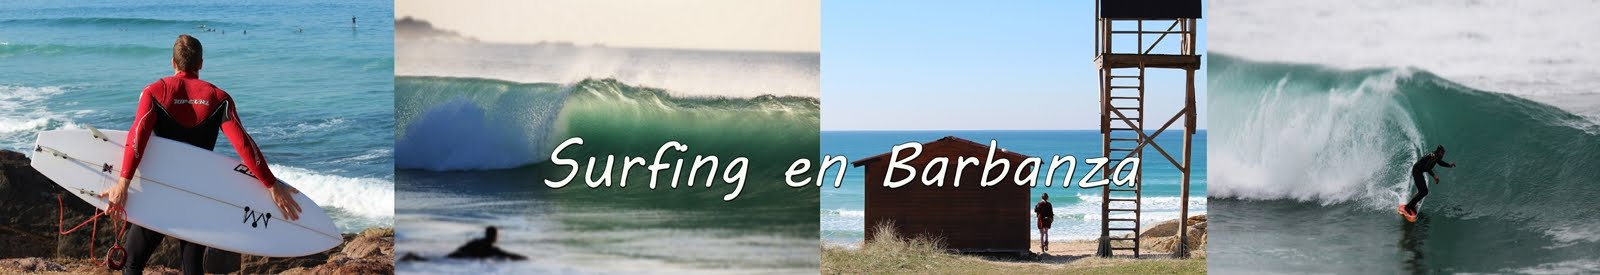 Surfing en Barbanza